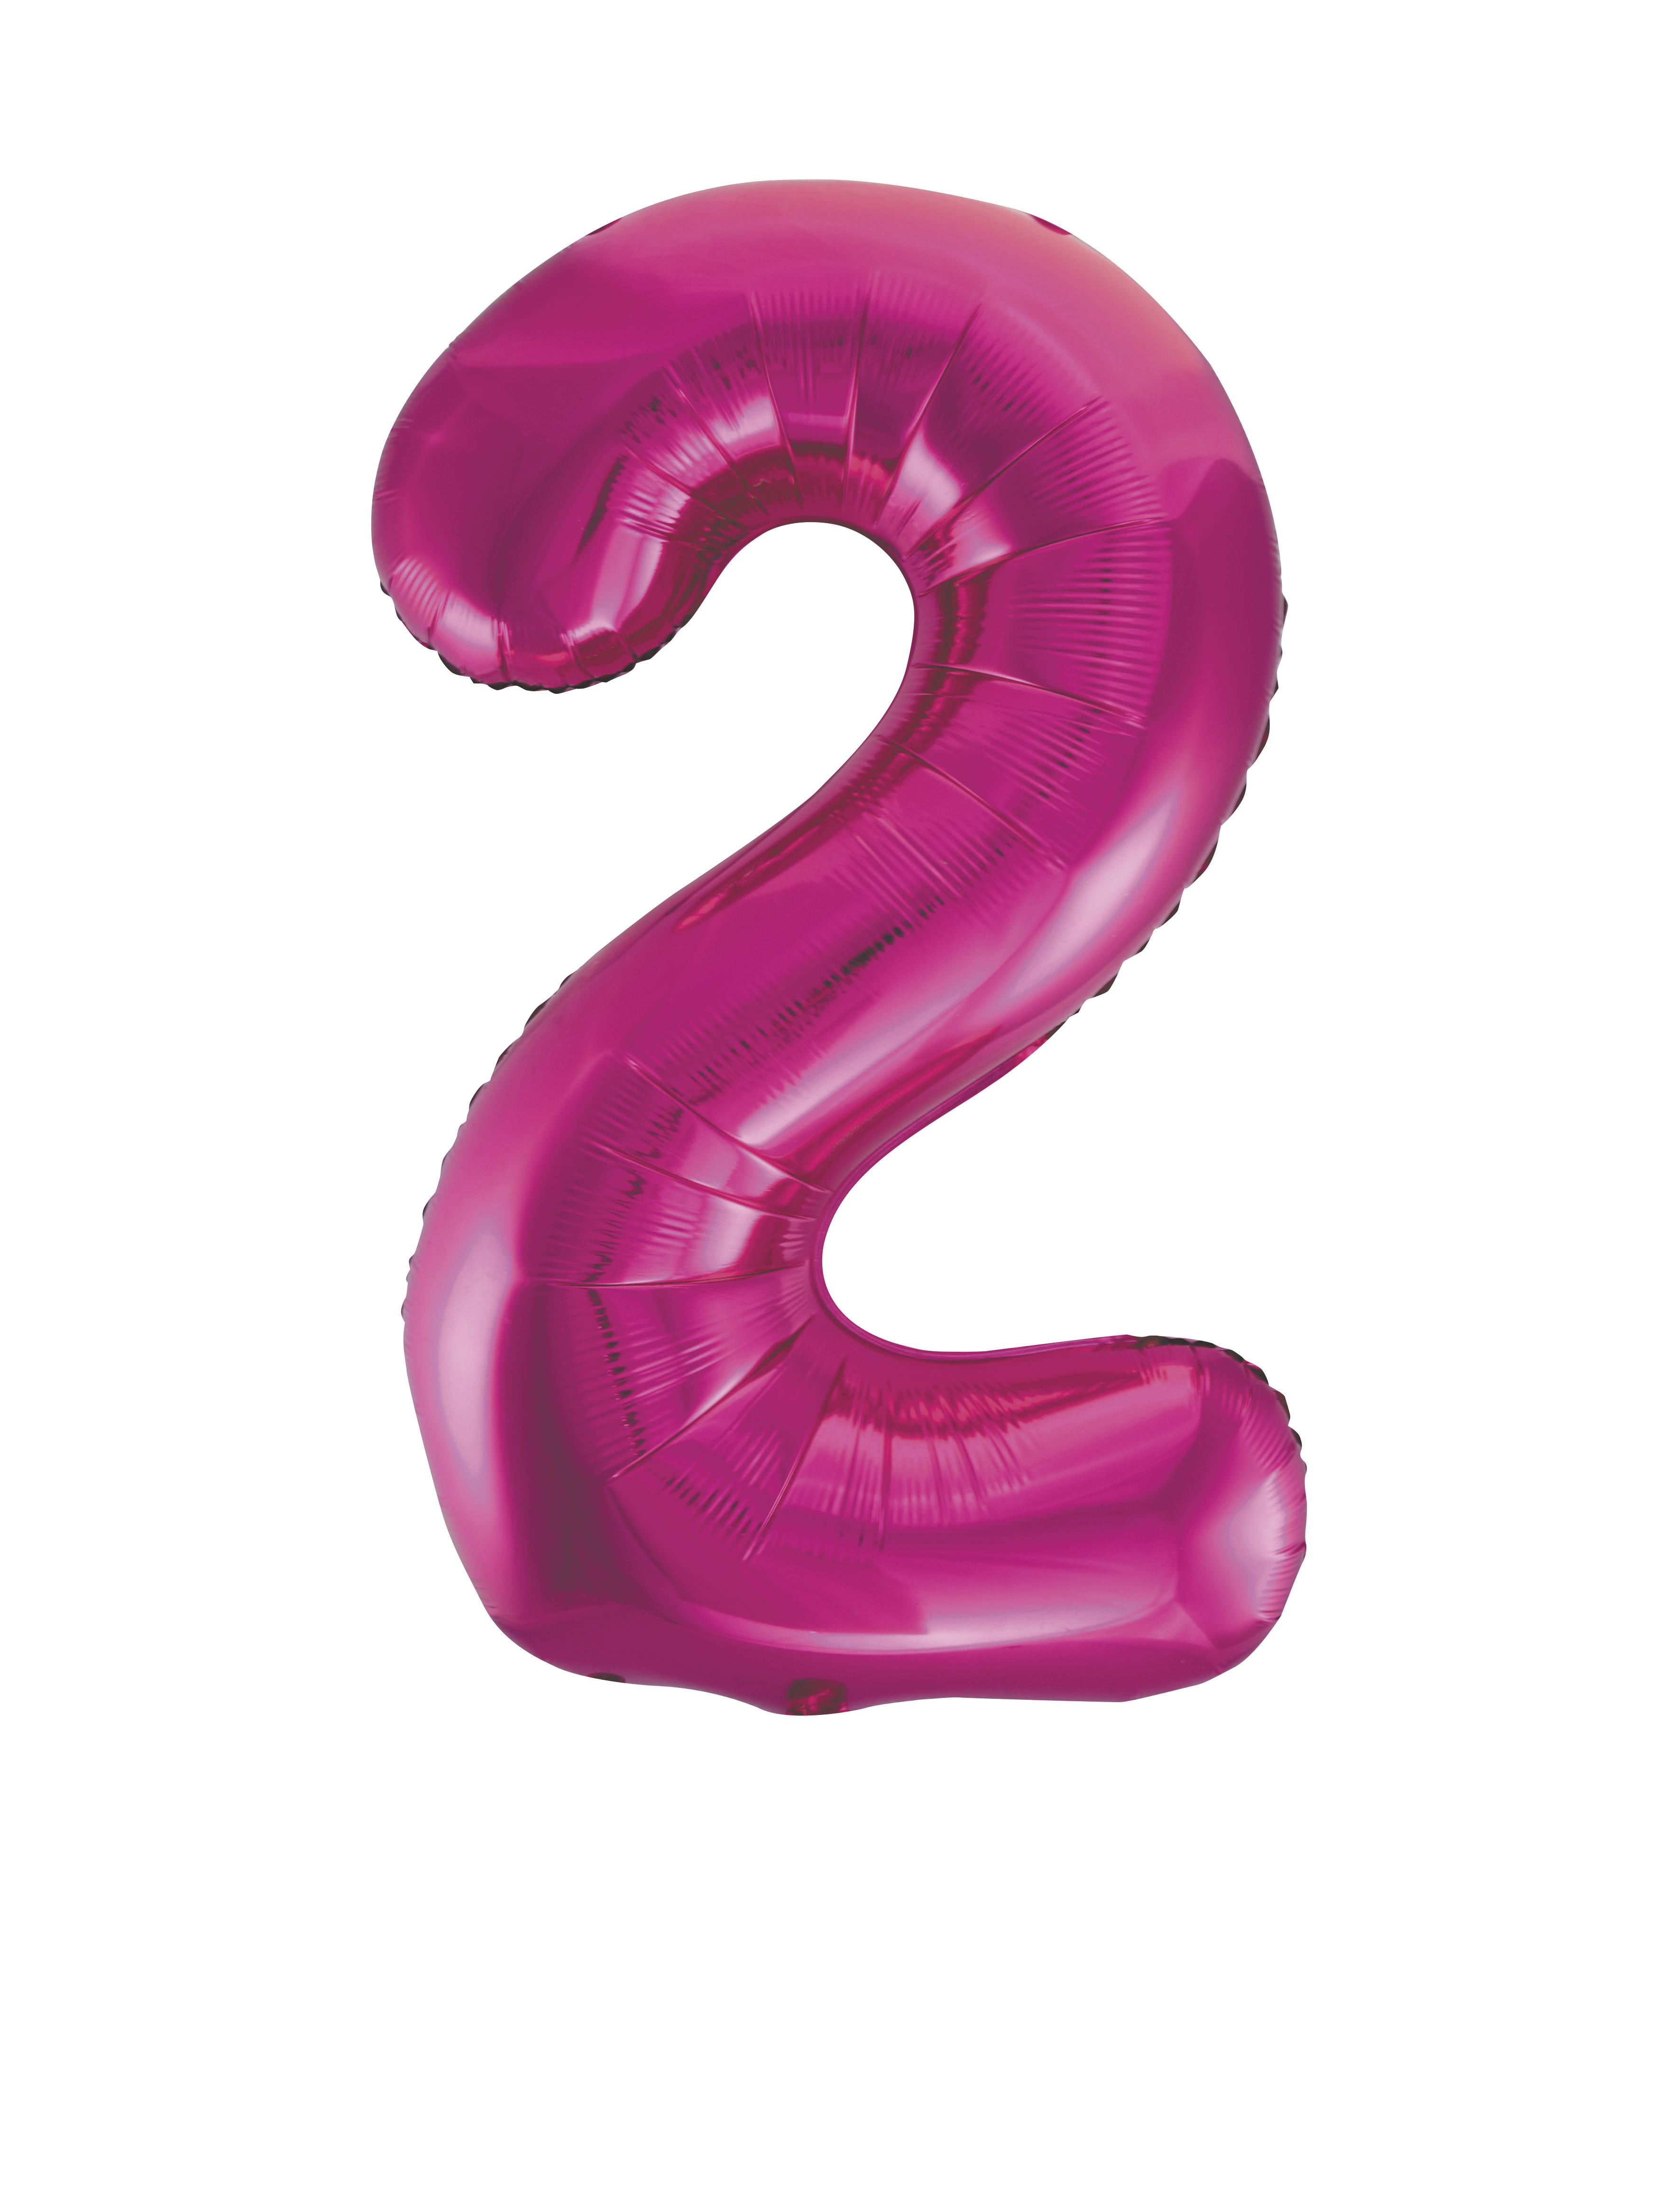 86-4cm-Geant-Aluminium-Numero-Rose-Helium-Gros-Ballons-Fete-D-039-Anniversaire miniature 7